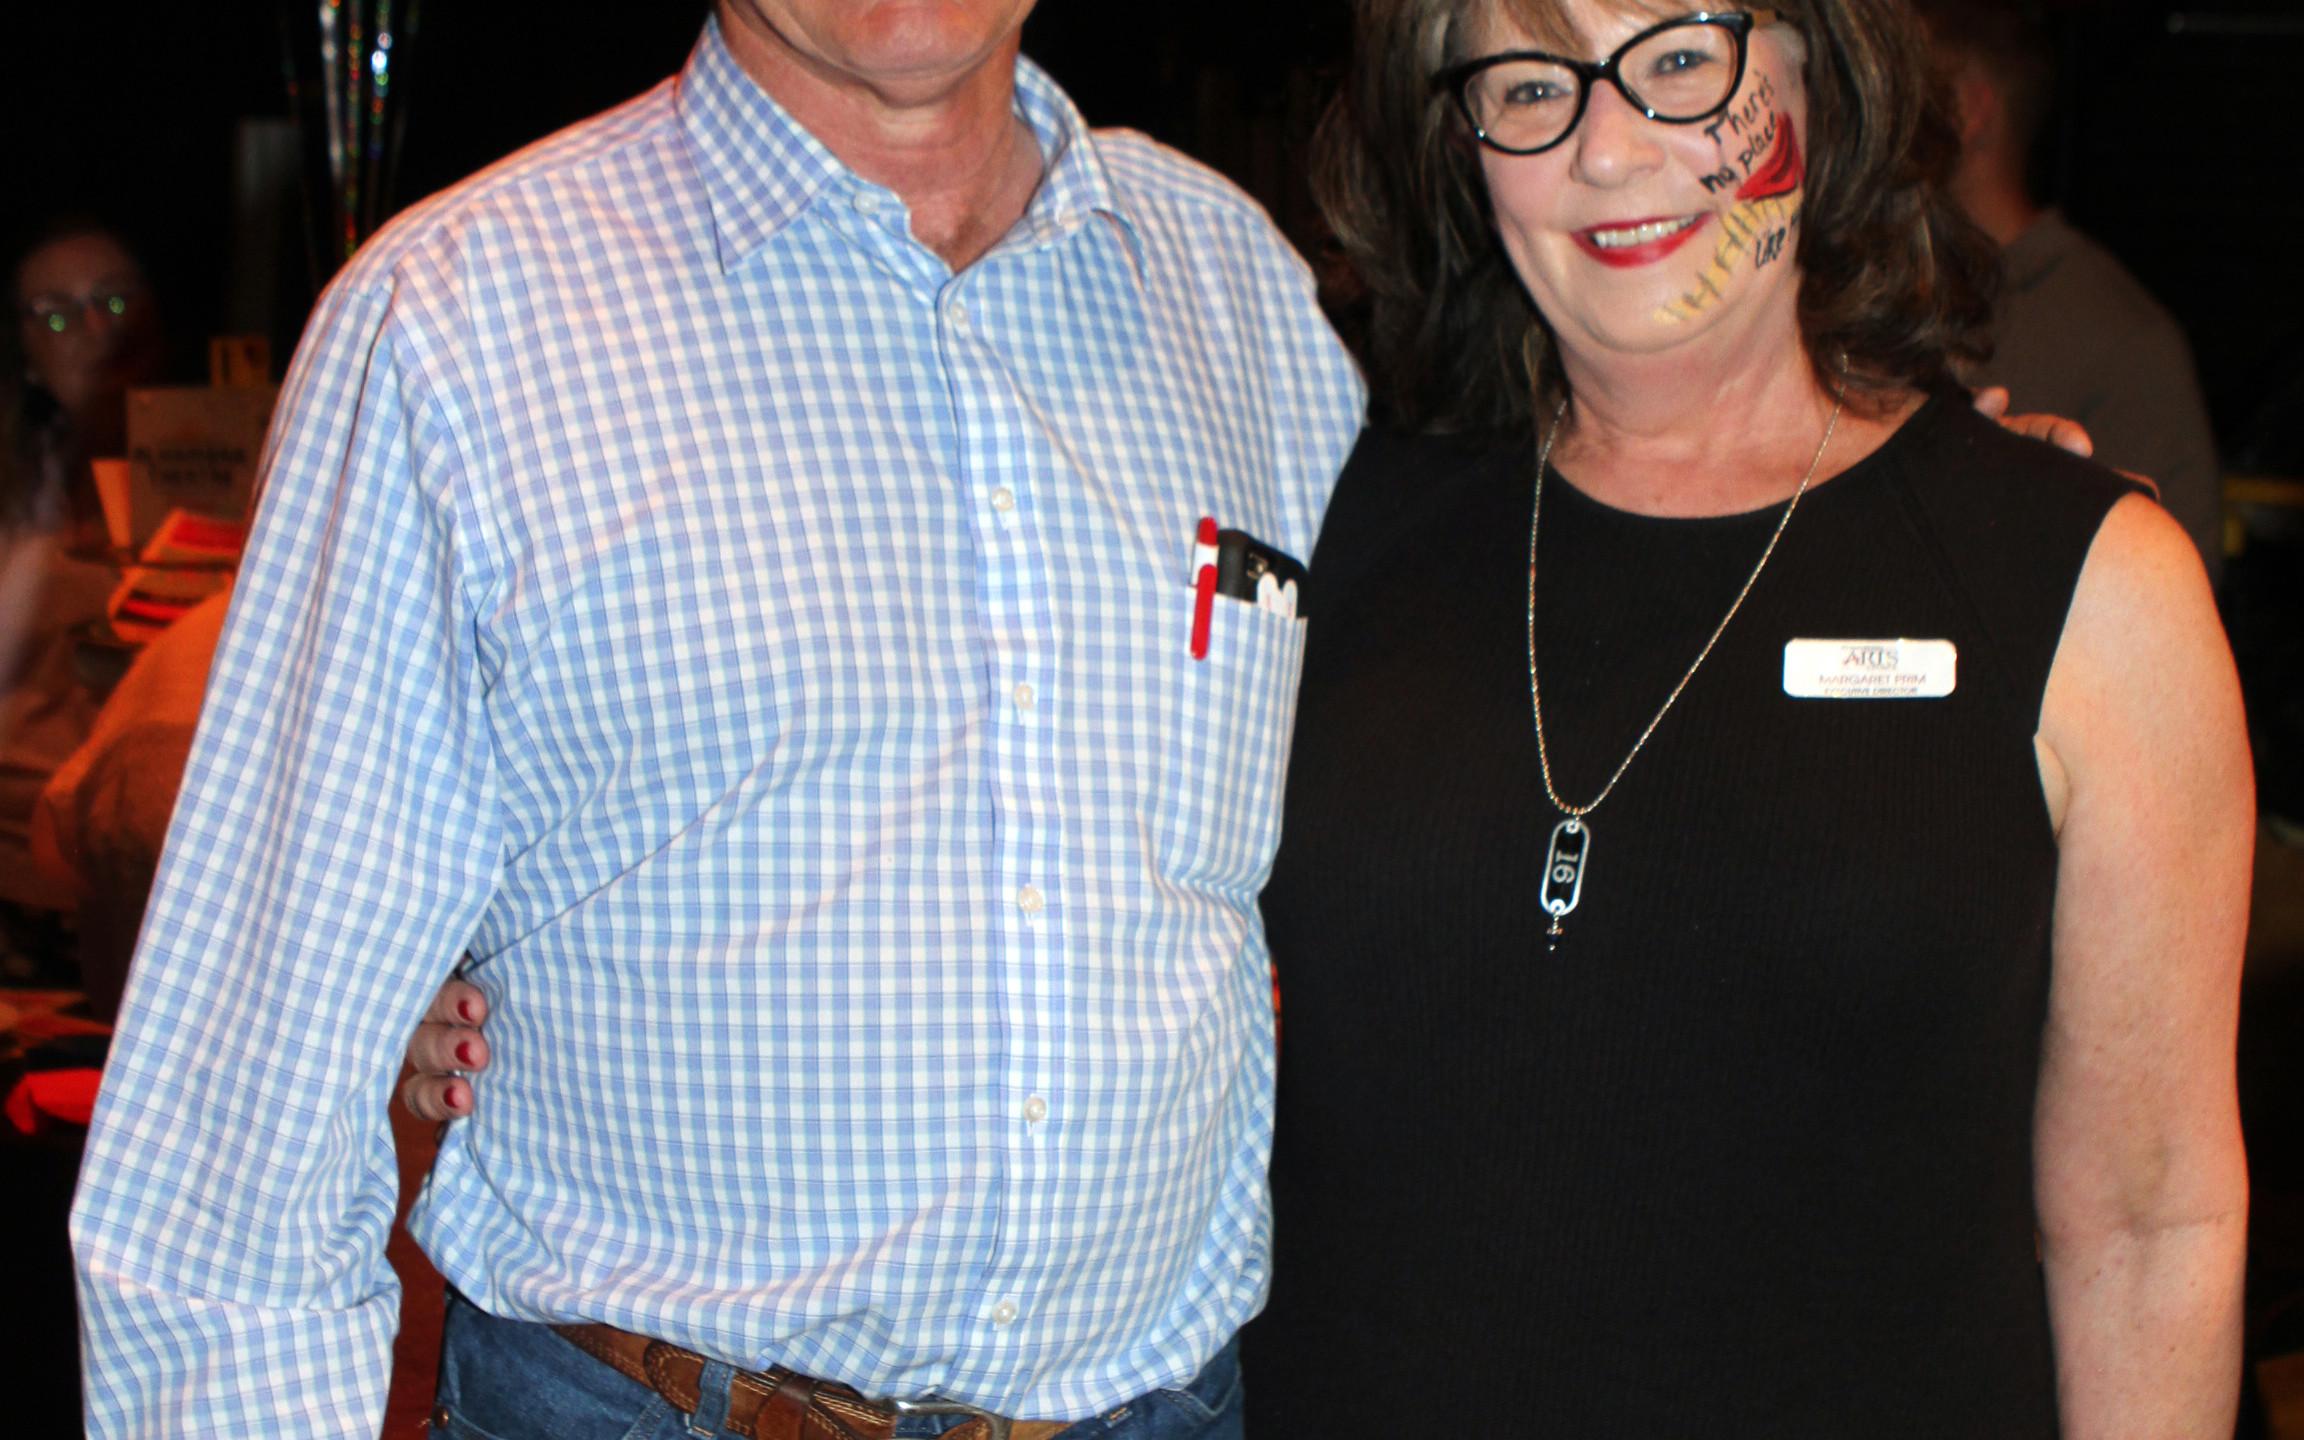 Mark Cansler, Margaret Prim